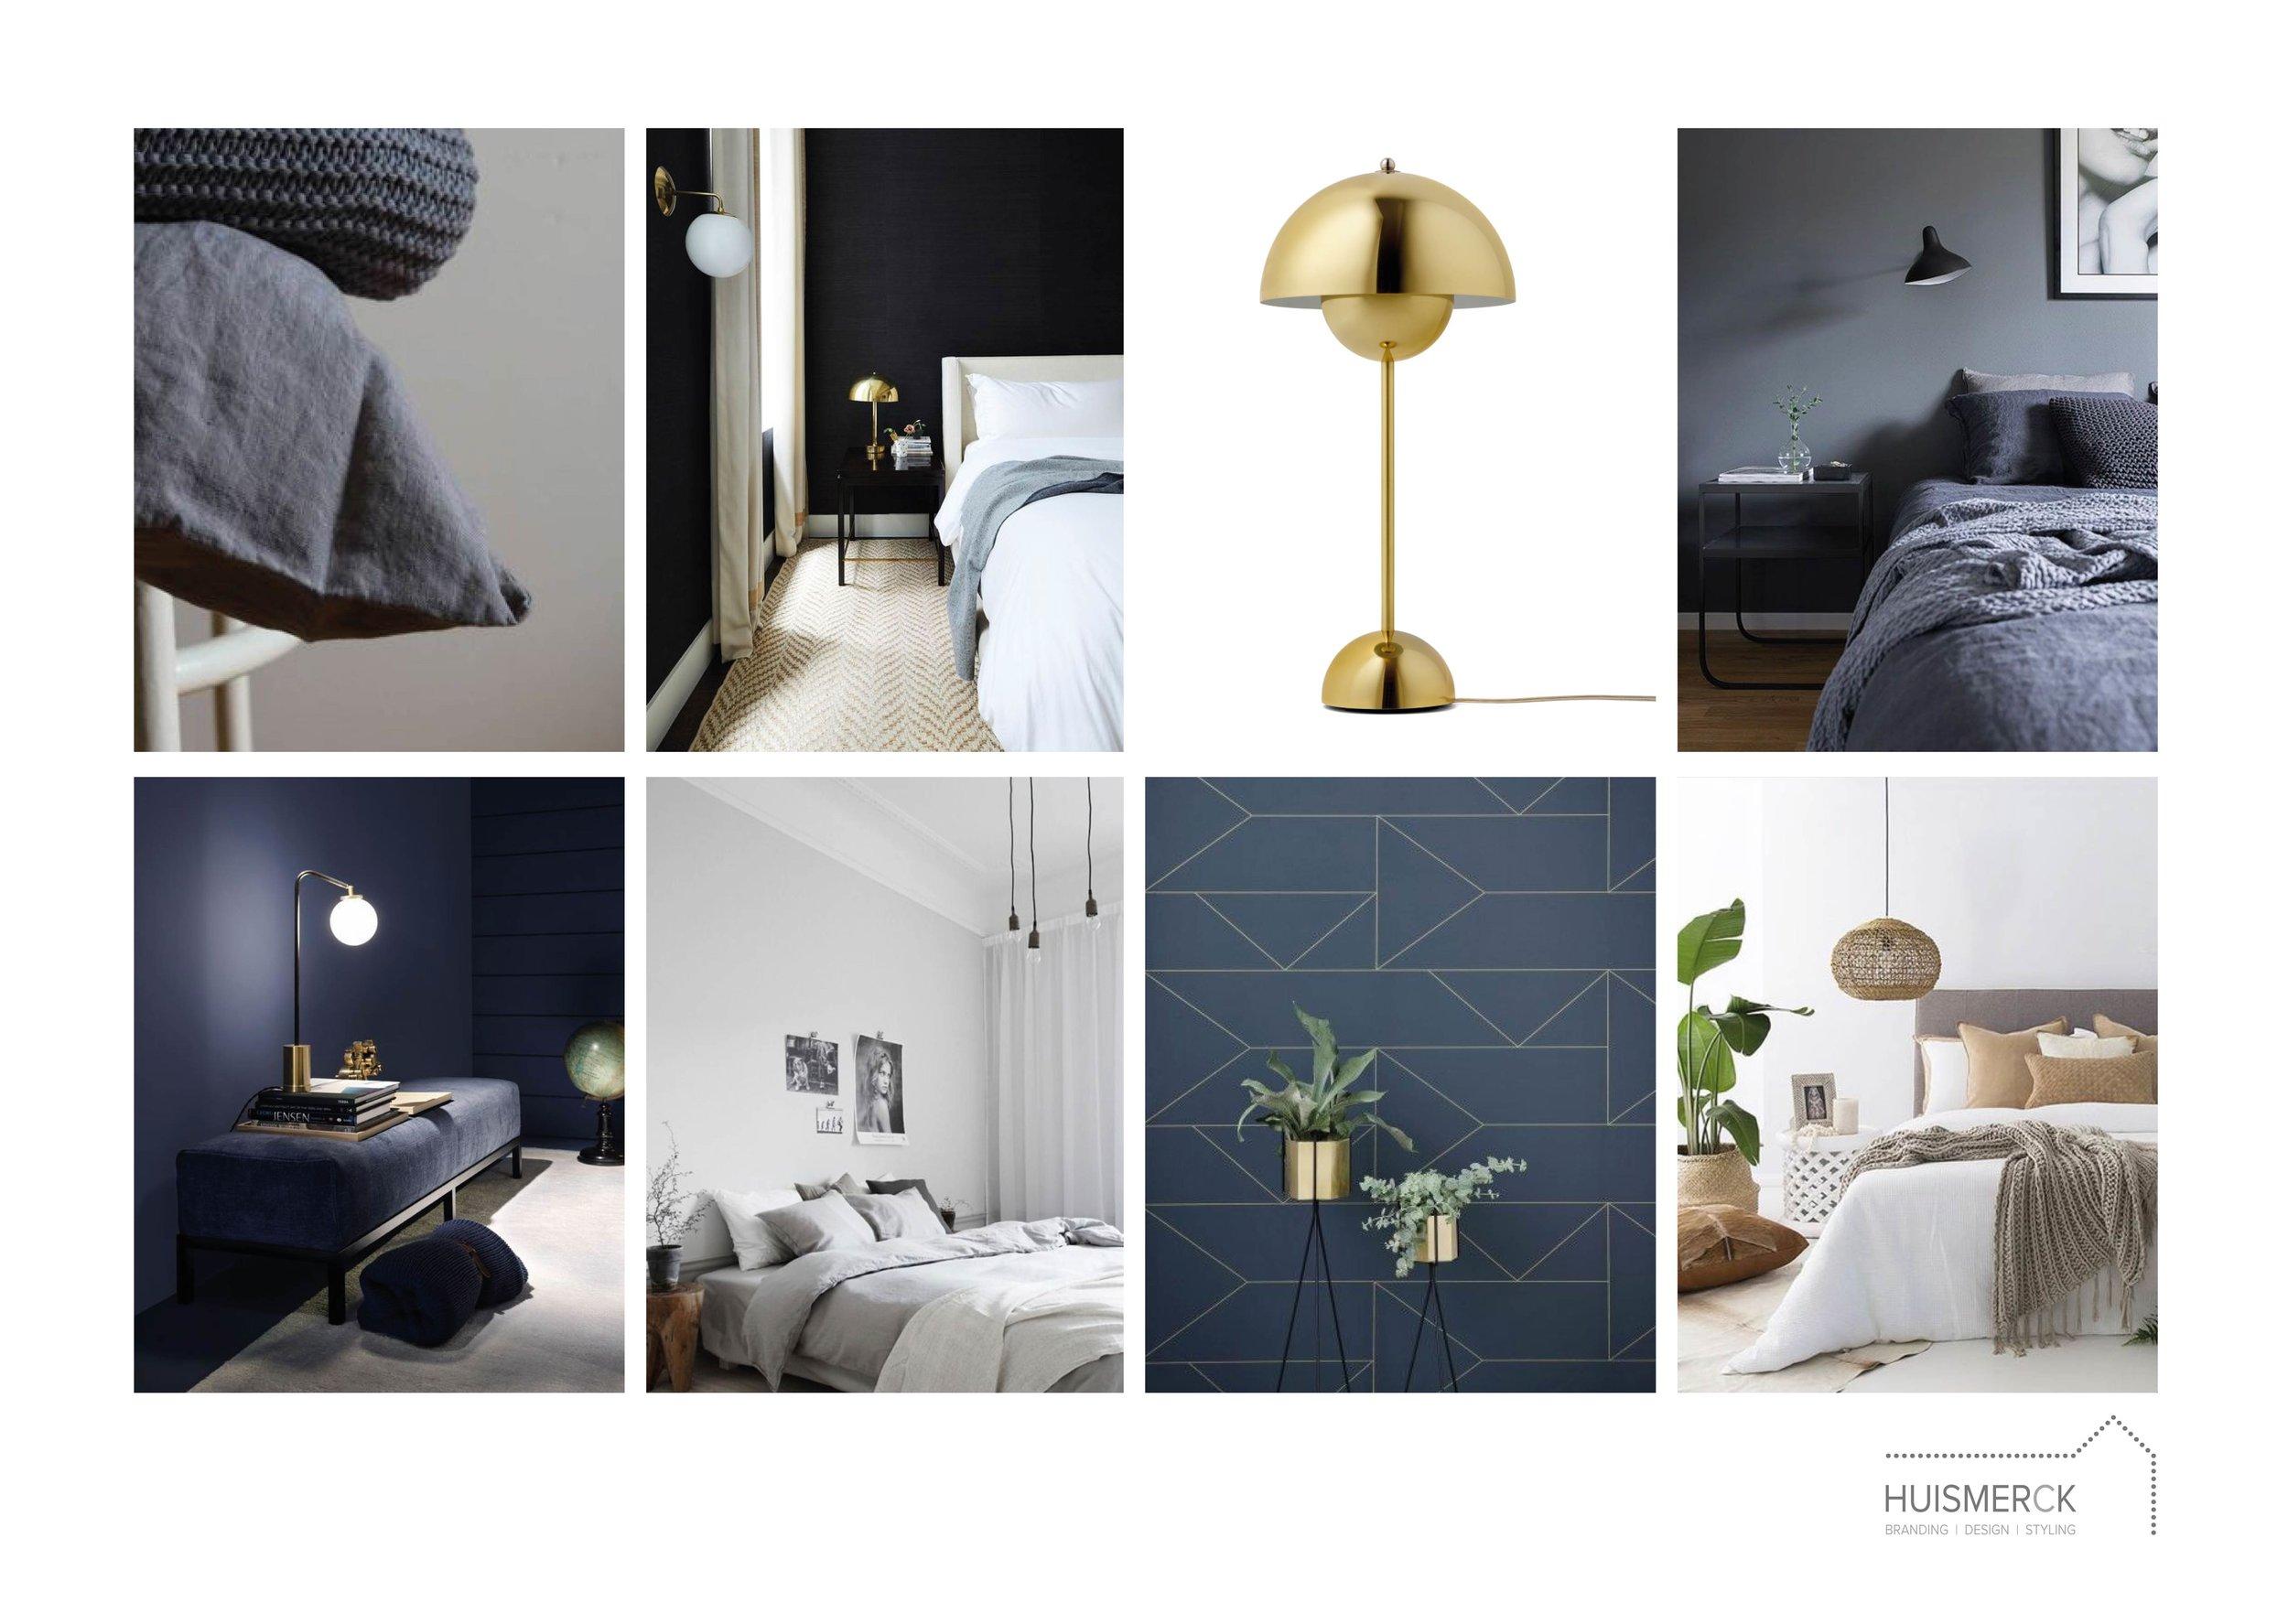 HUISMERCK®_Stylingadvies_Kleuradvies_Moodboard_Slaapkamer_Marieke_en_Laurens_Enschede - v1.0.jpg